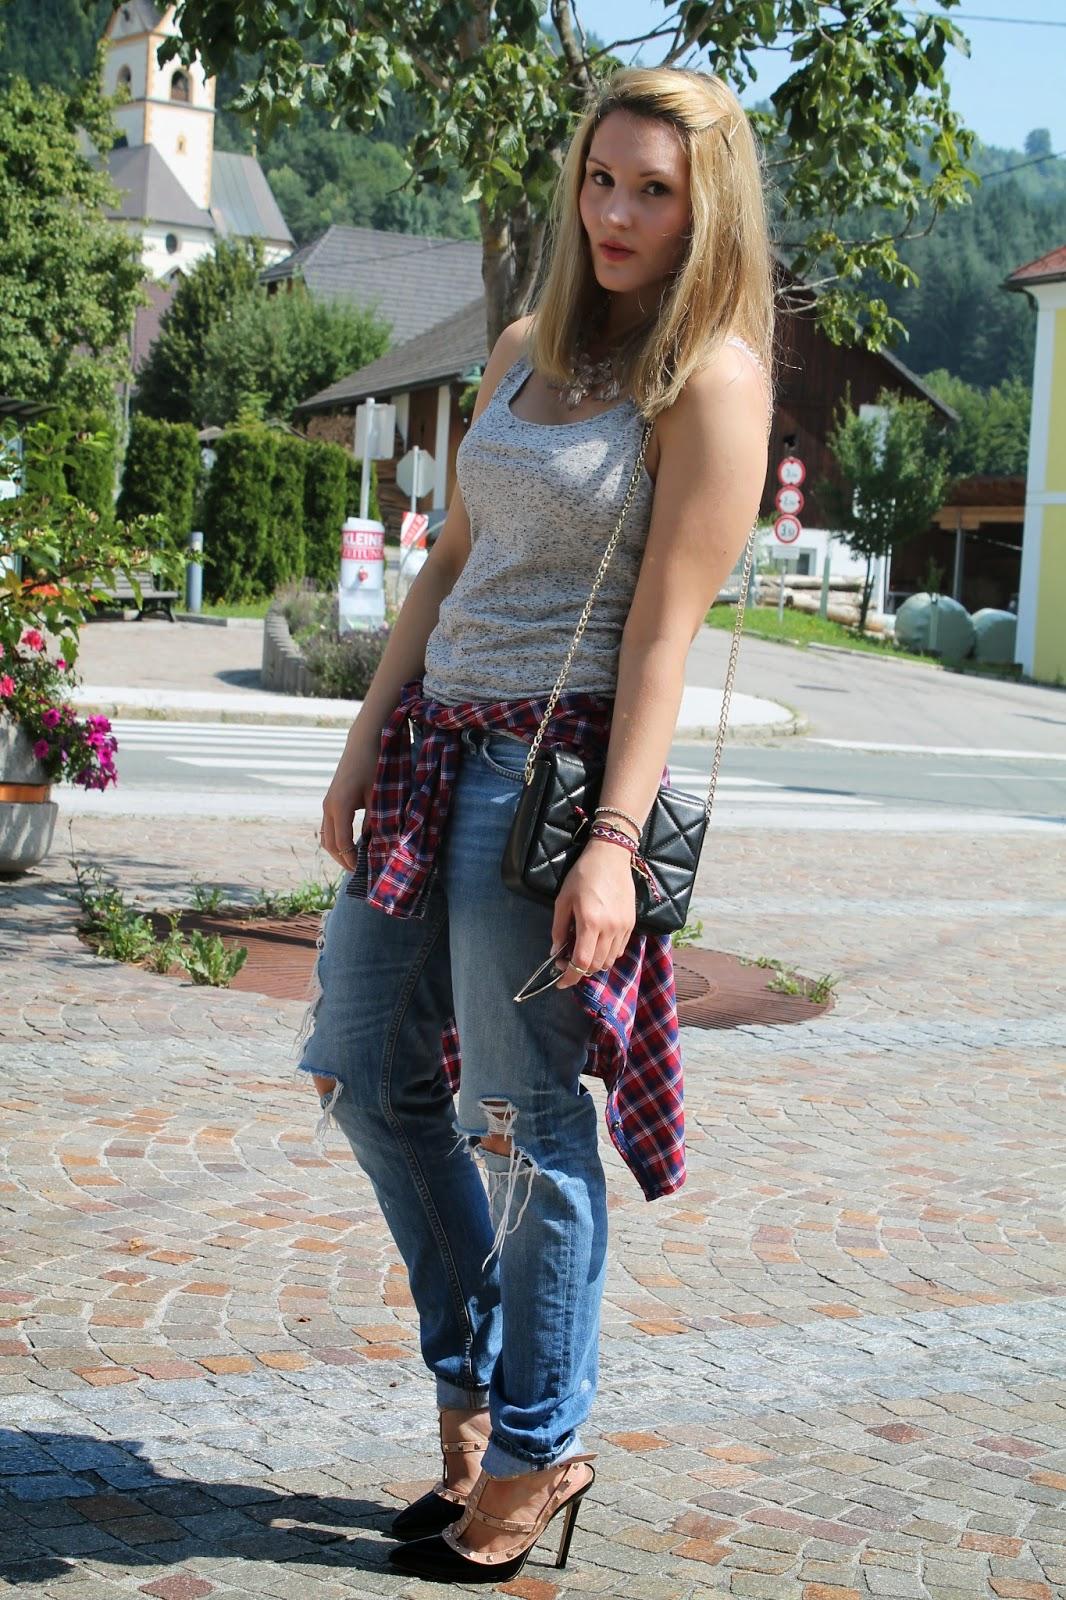 Fashionblogger Austria / Österreich / Deutsch / German / Kärnten / Carinthia / Klagenfurt / Köttmannsdorf / Spring Look / Classy / Edgy / Summer / Summer Style 2014 / Summer Look / Fashionista Look /  Boyfriend Jeans / valentino Studded Heels / Zara / H&M / Tommy Hilfiger / Ray Ban Aviator /